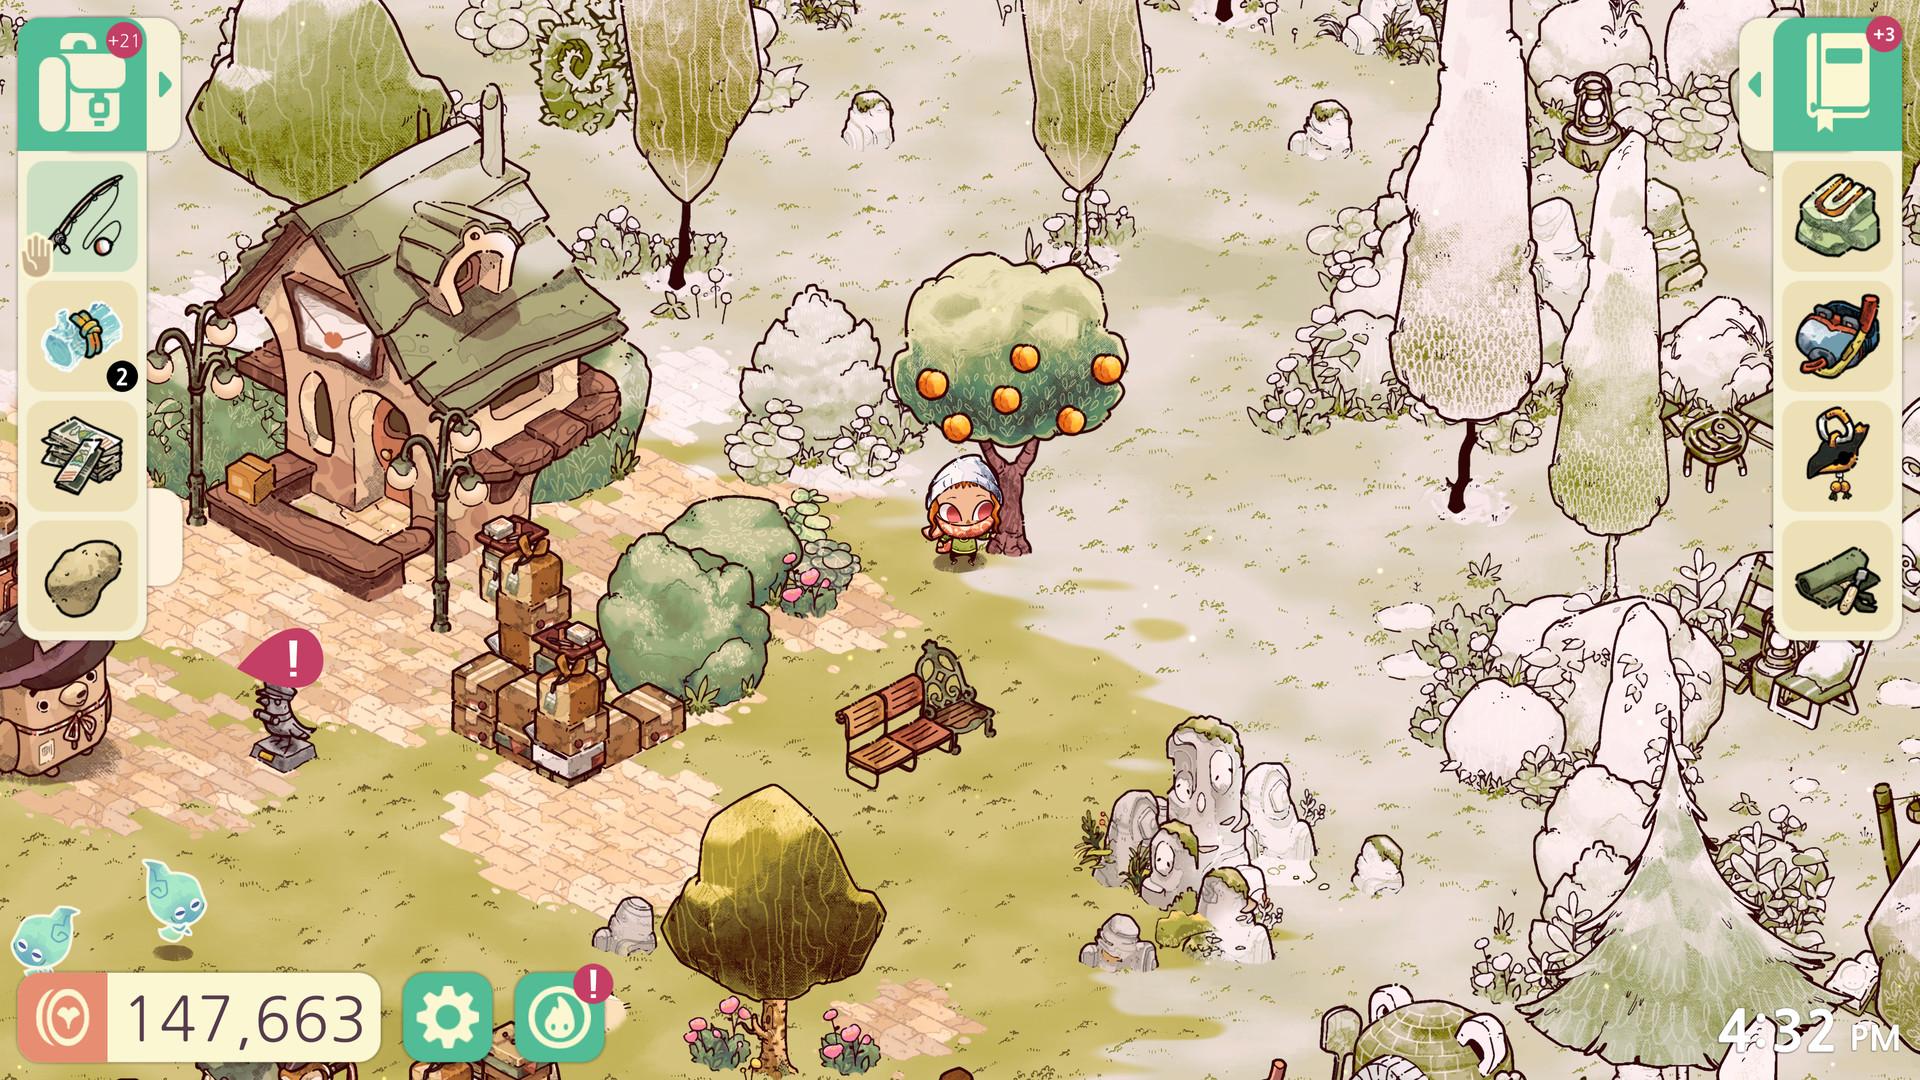 一款治愈系的手绘风开放世界奇幻冒险游戏